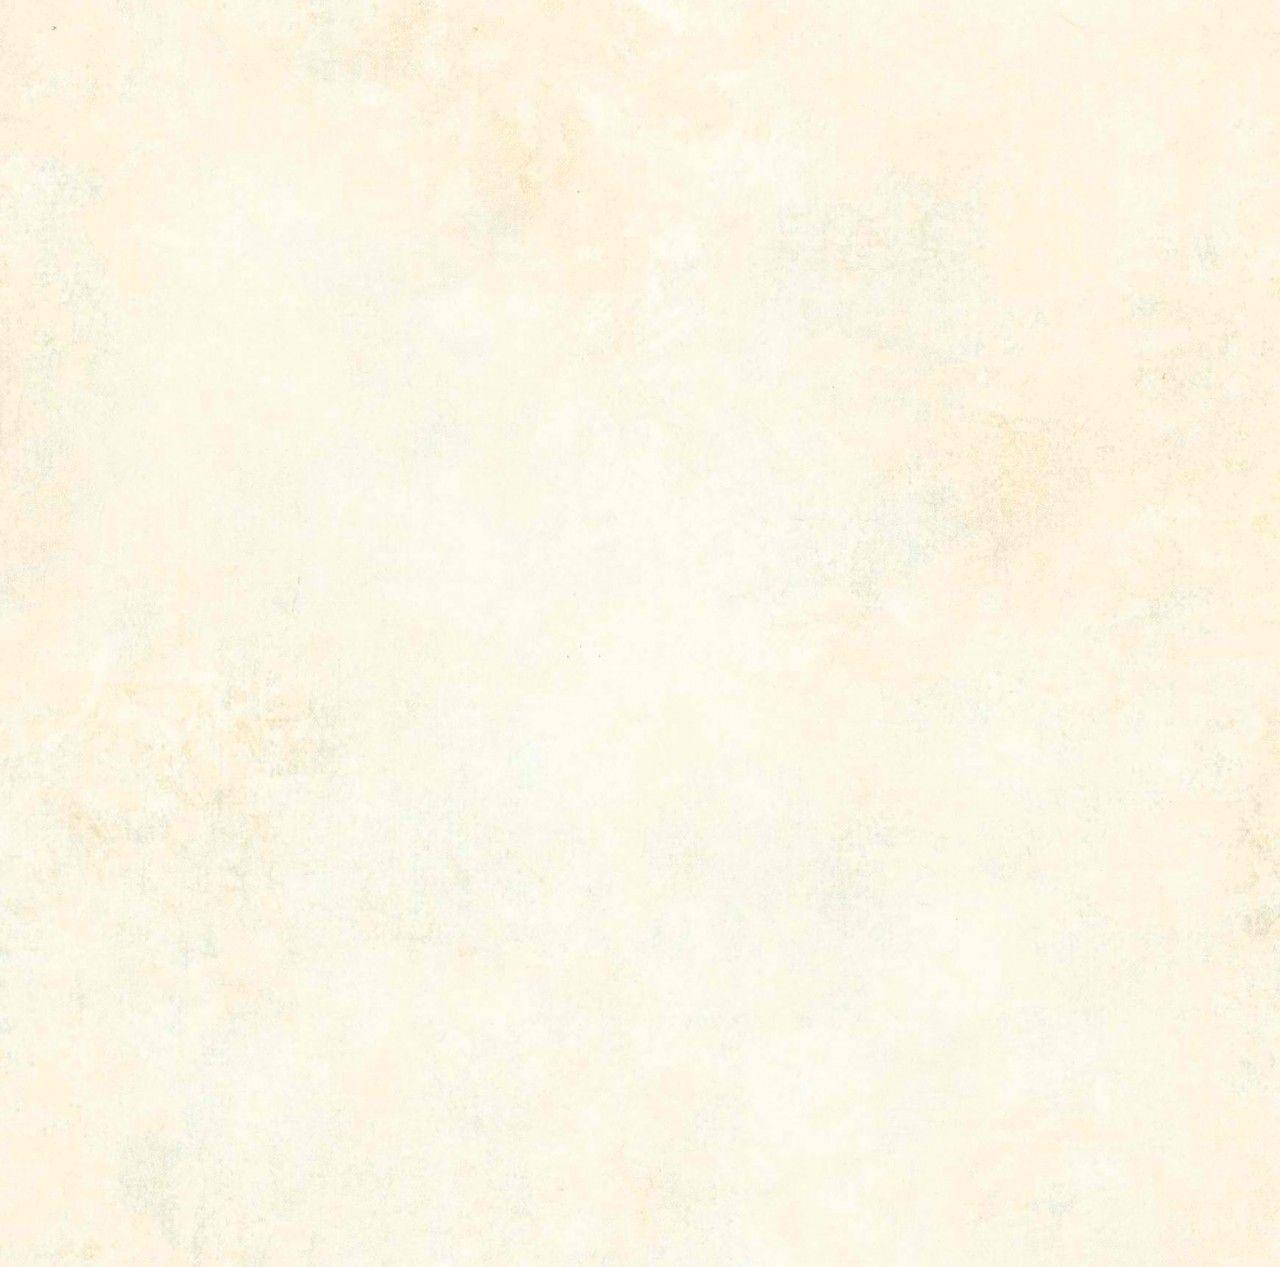 Cream Wallpaper: Cream Colored Wallpapers